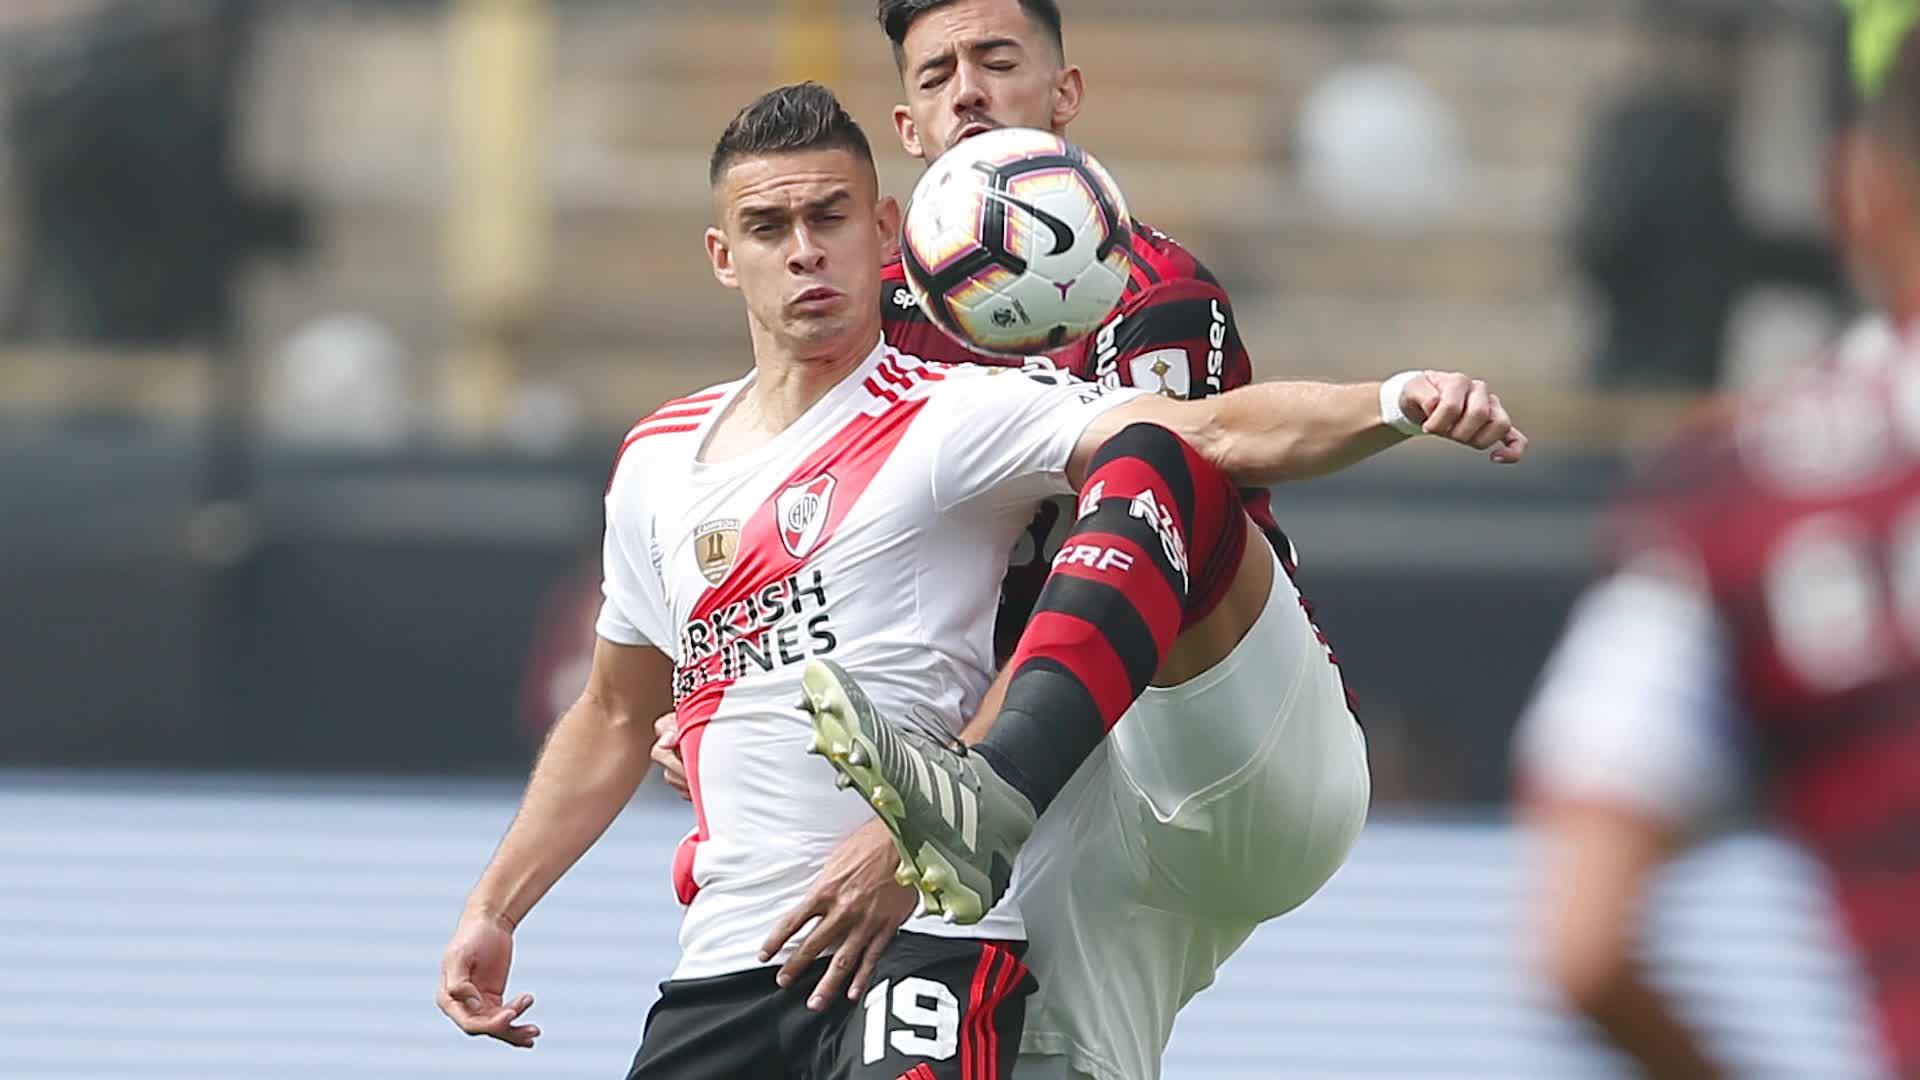 Copa Libertadores 2019: River Plate abre la cuenta en el Monumental con gol de Santos Borré